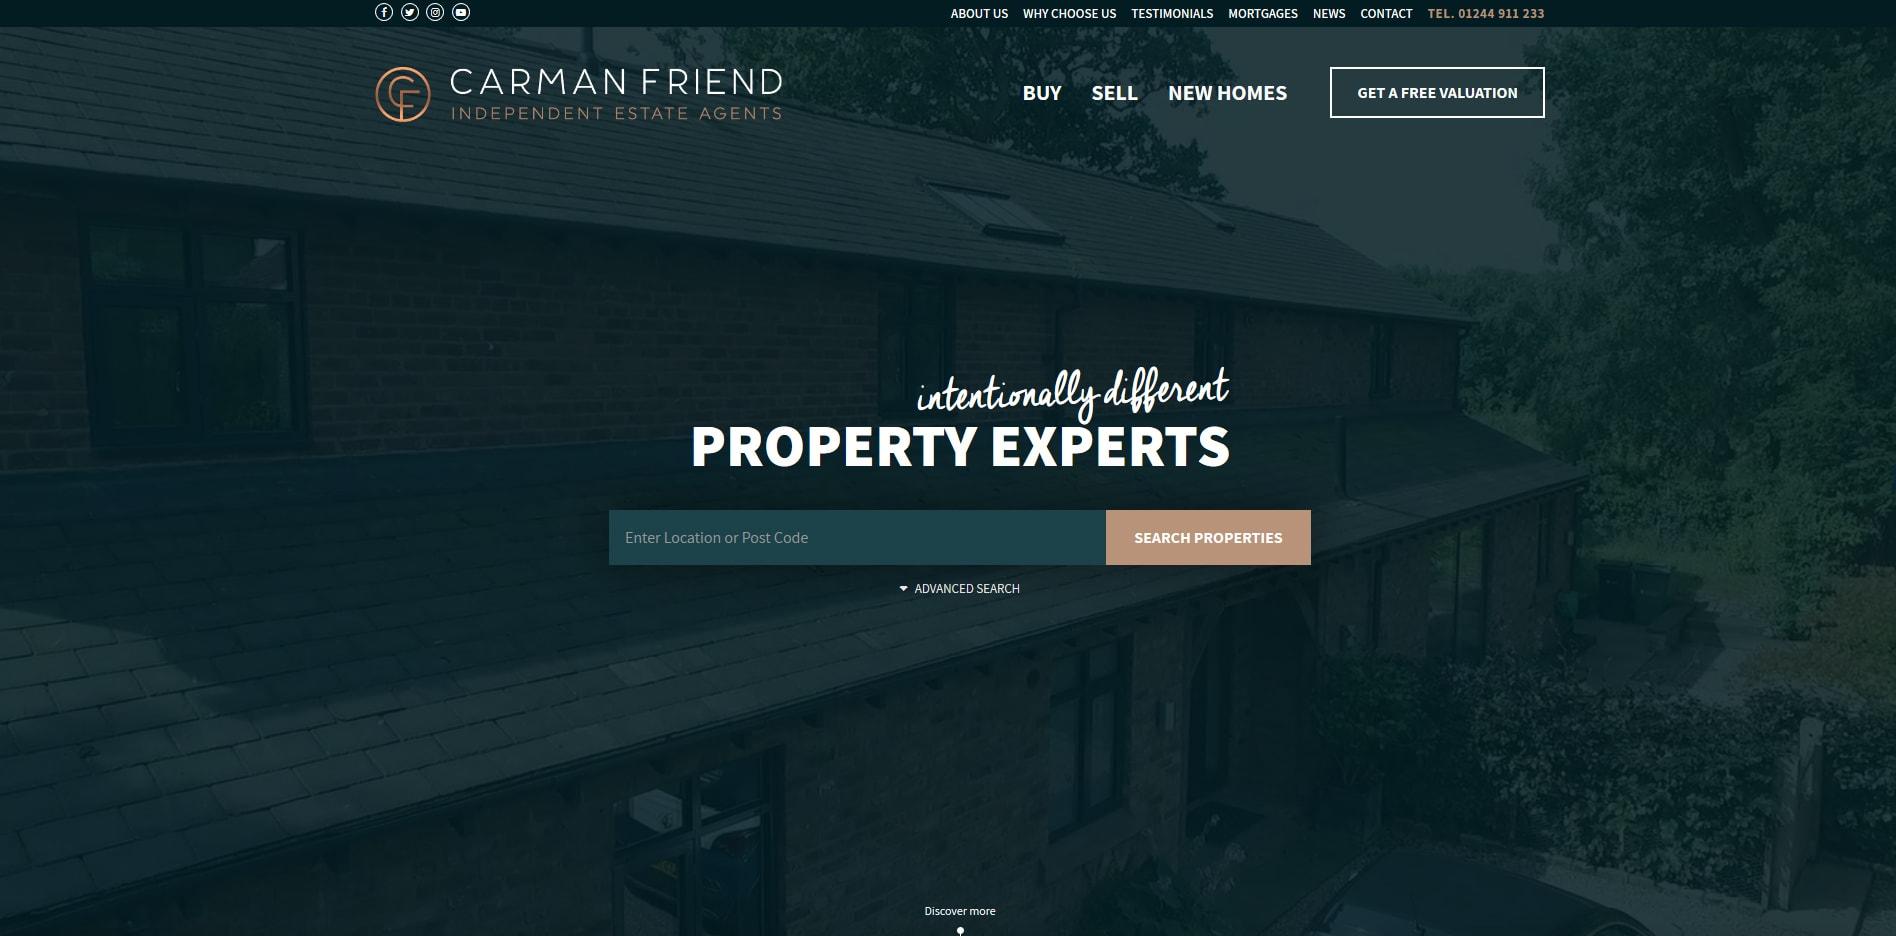 projektowanie-stron-www-carmanfriend-1